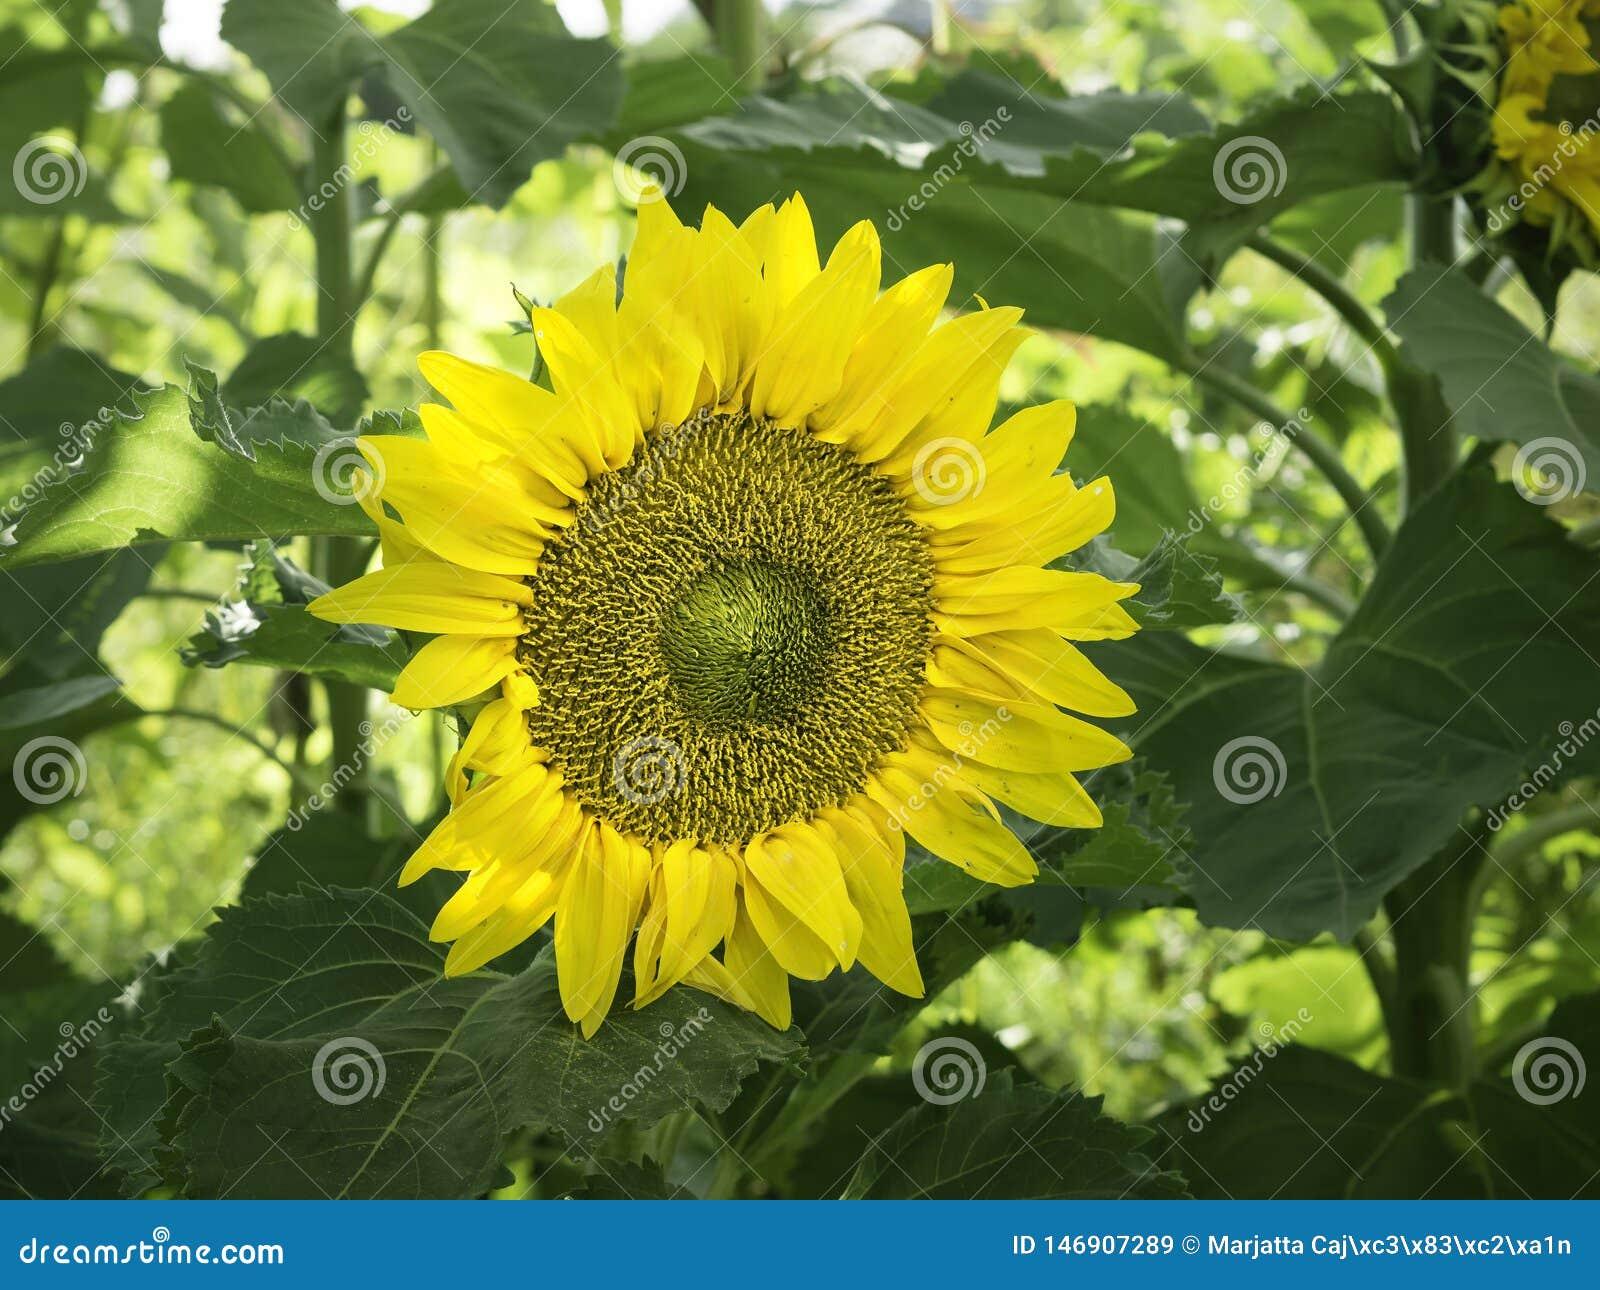 Gezicht van een grote gele zonnebloem in een de herfsttuin